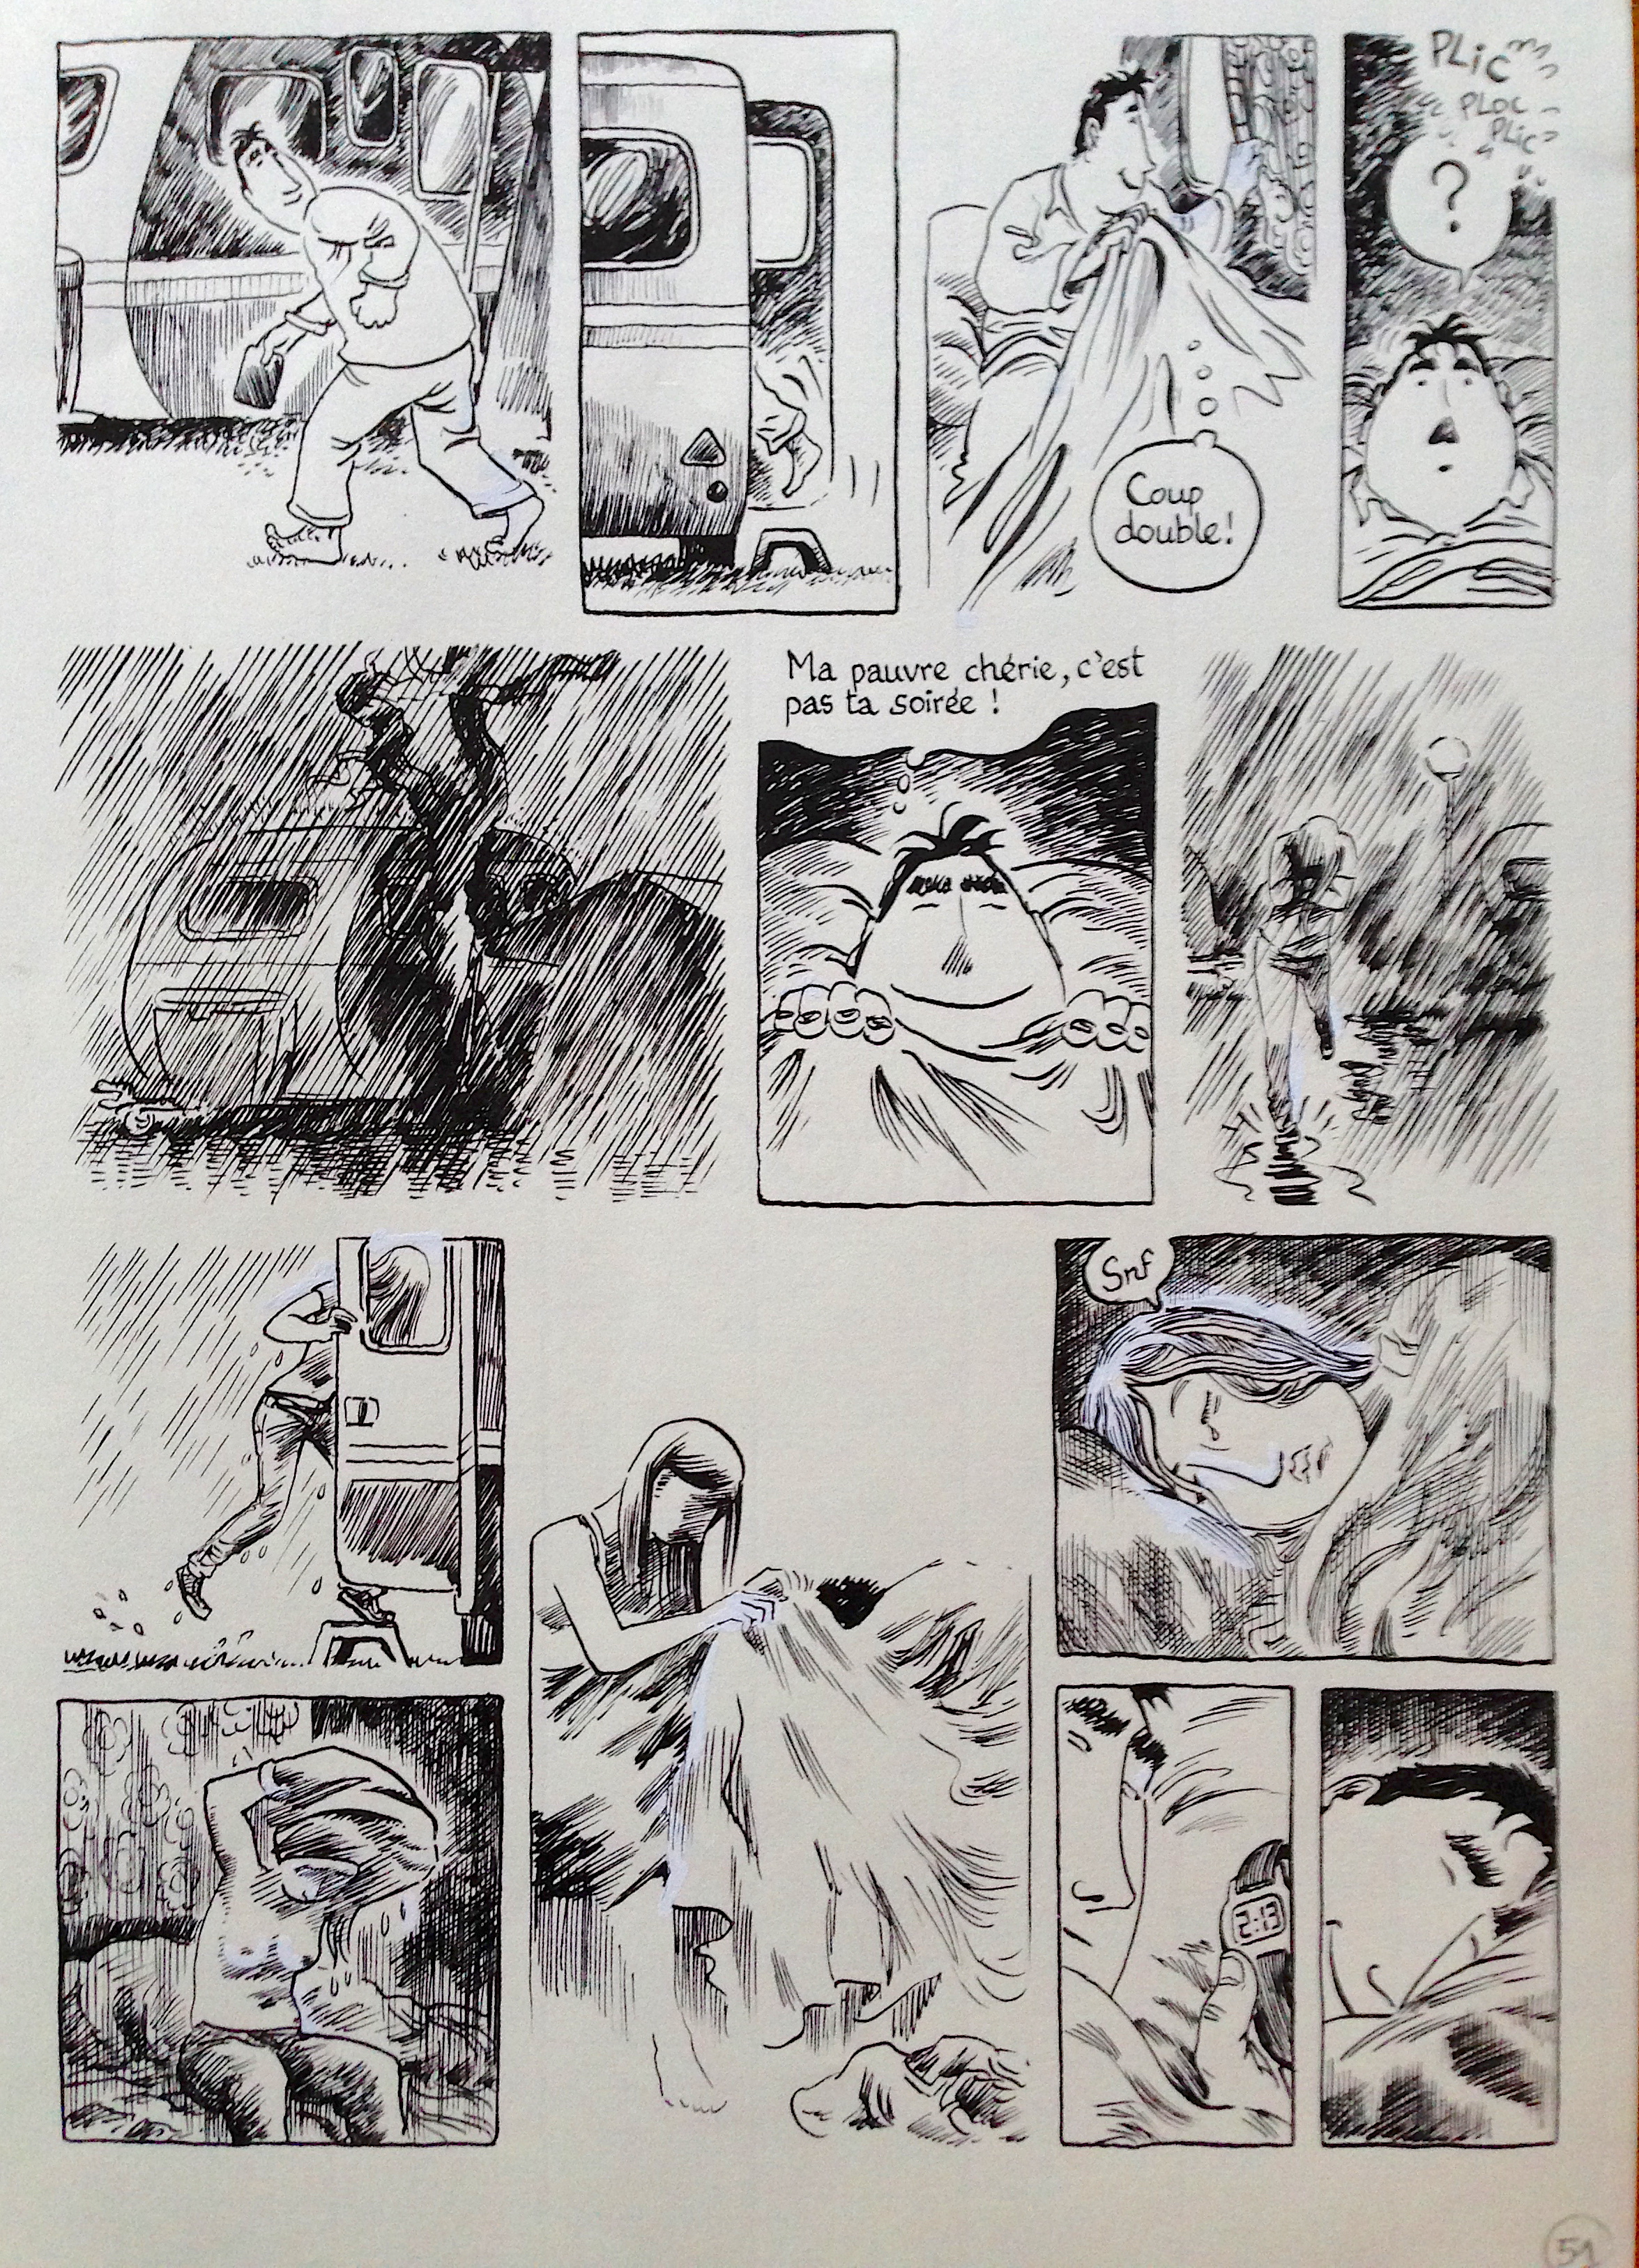 30 ans d'édition, par Sébastien Gnaedig, Chapitre 37: Pascal Rabaté. Hureau, Crève